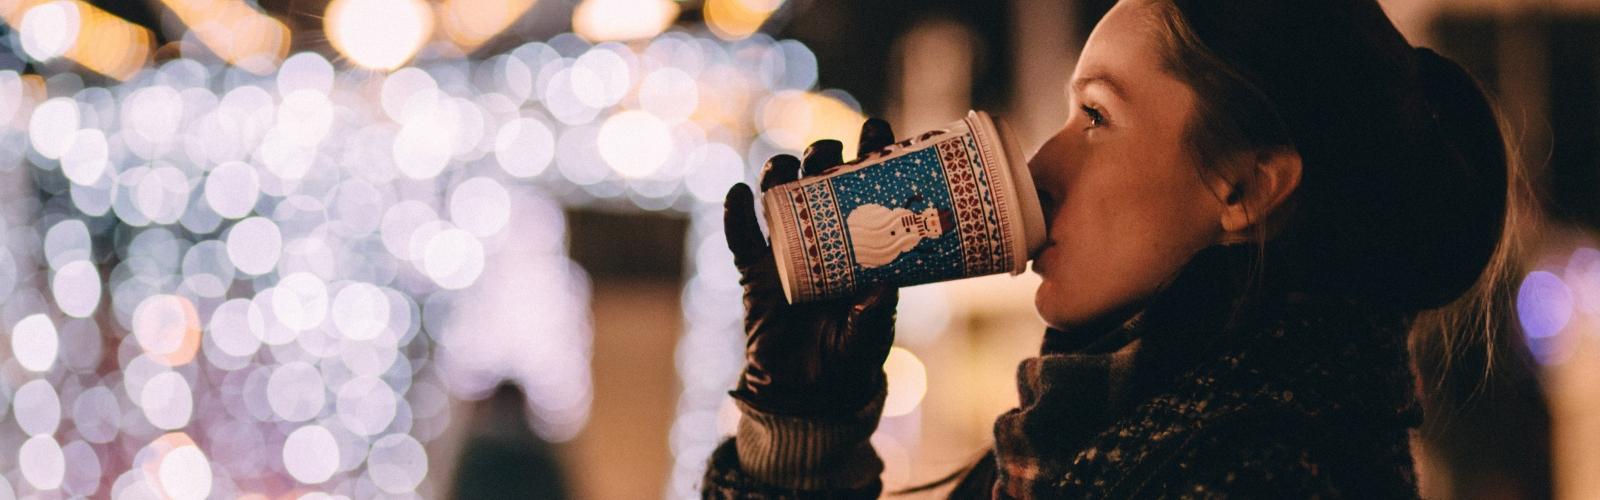 Noël à Enghien-les-Bains